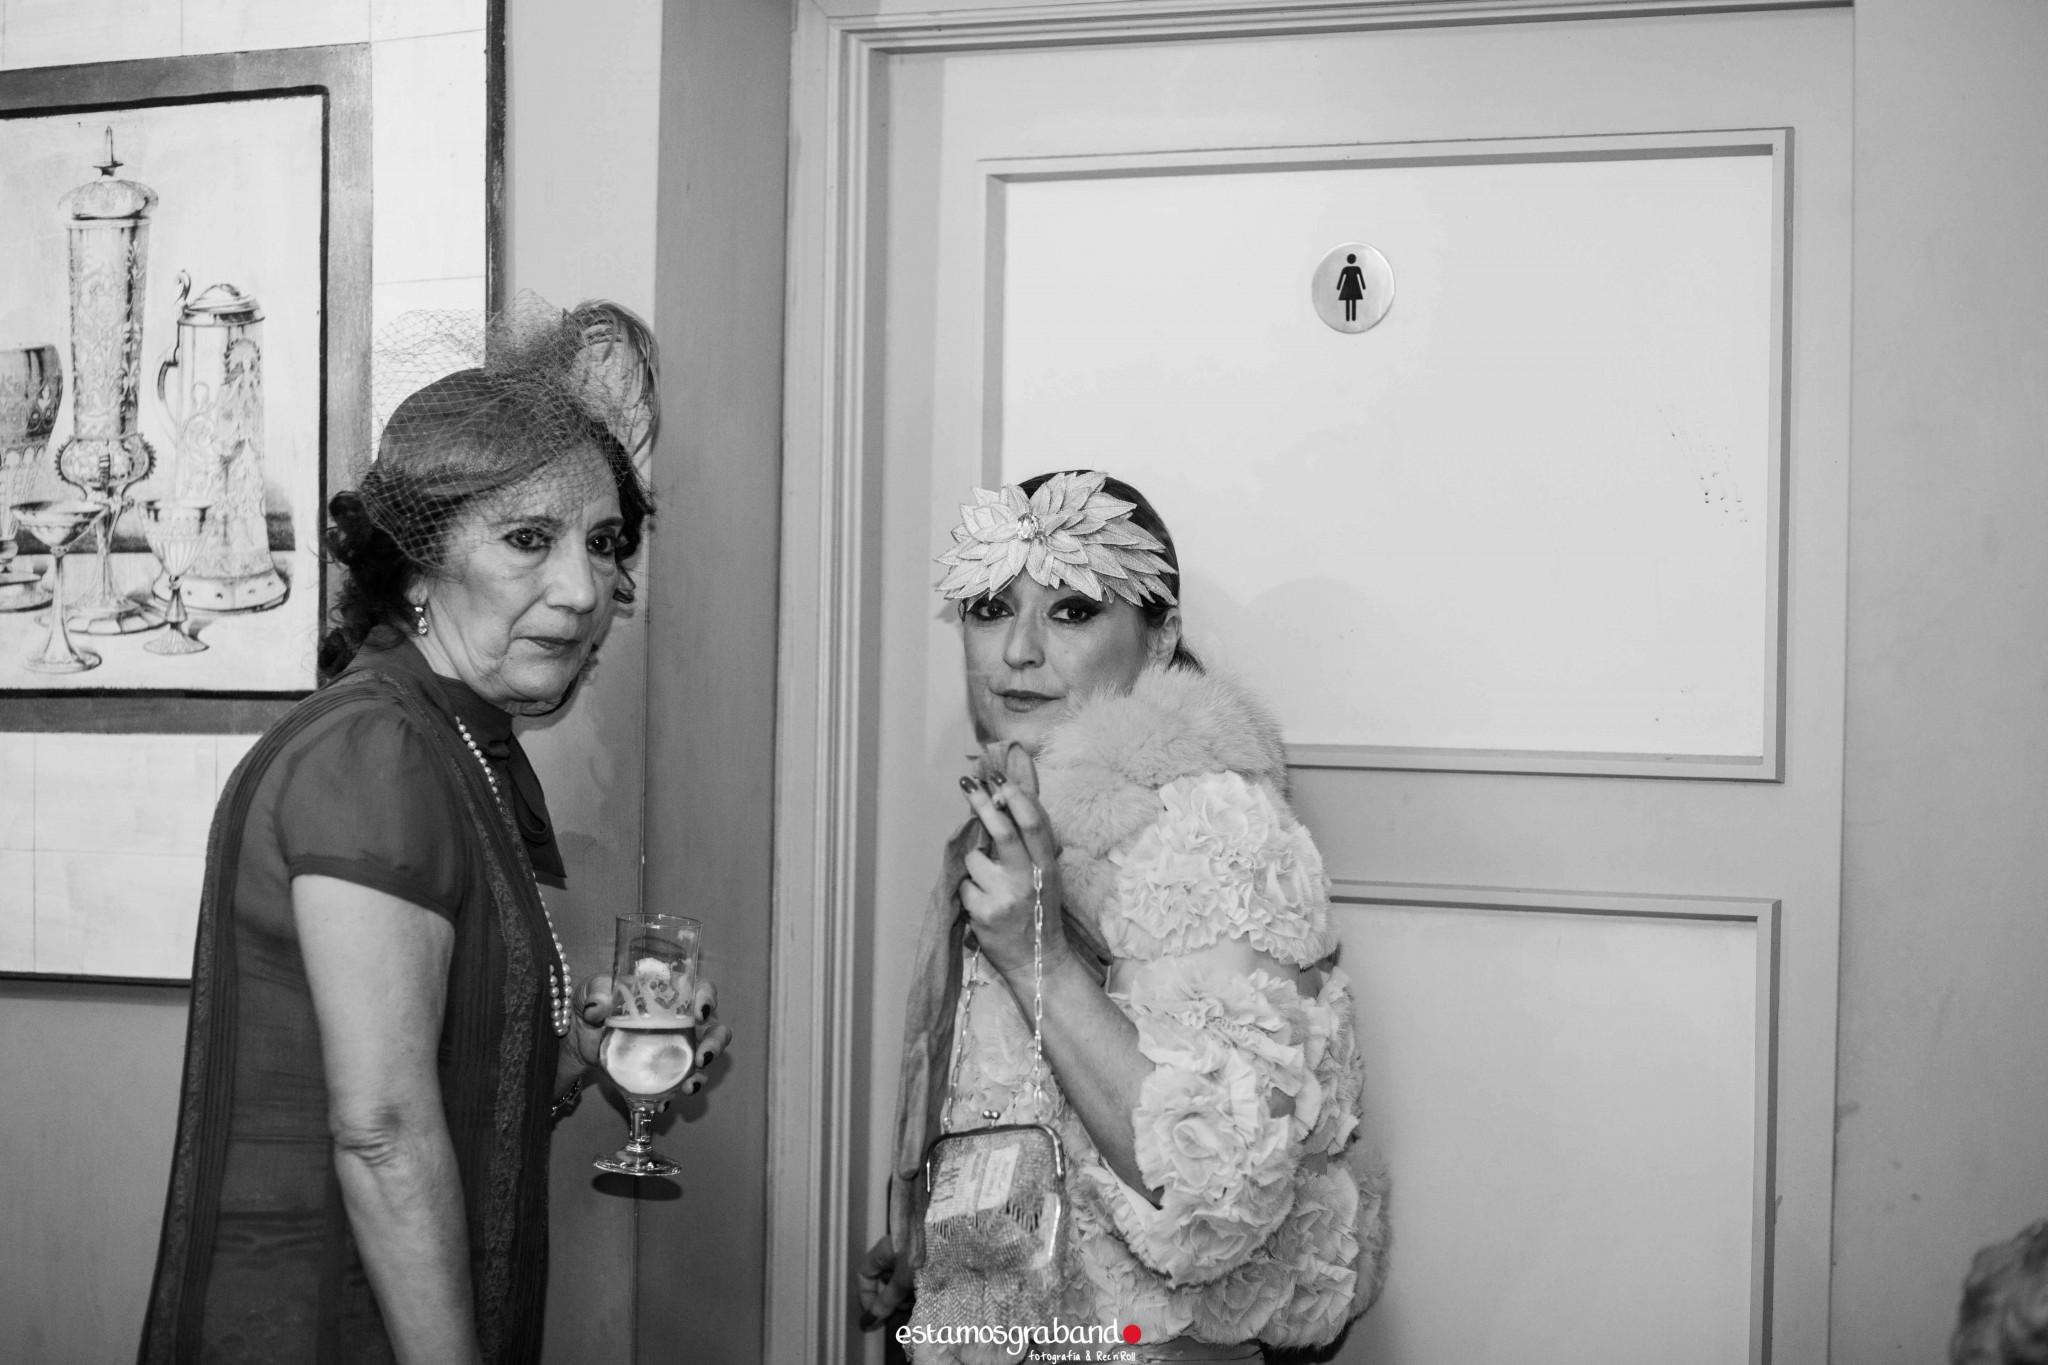 Fali-Bea-16-de-78 Fiesta Años 20 [La Teta de Julieta, Cádiz] - video boda cadiz